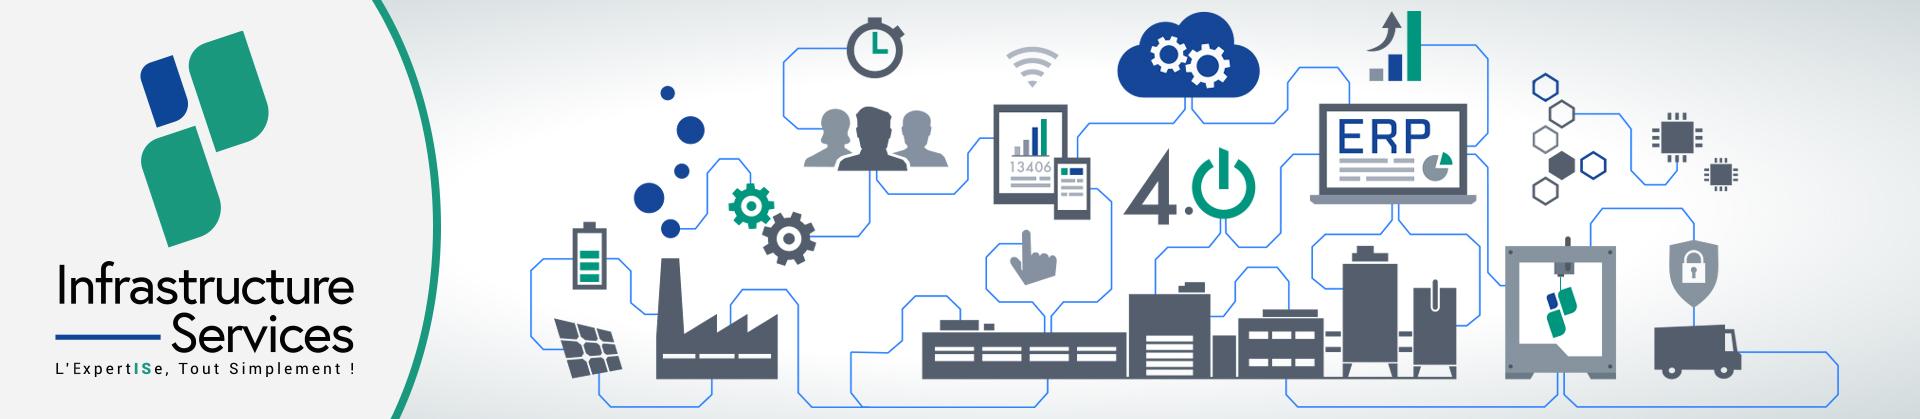 Infrastructure Services accompagne depuis de nombreuses années les PME et les grands comptes dans leur transformation digitale autour de 3 offres et 3 expertises